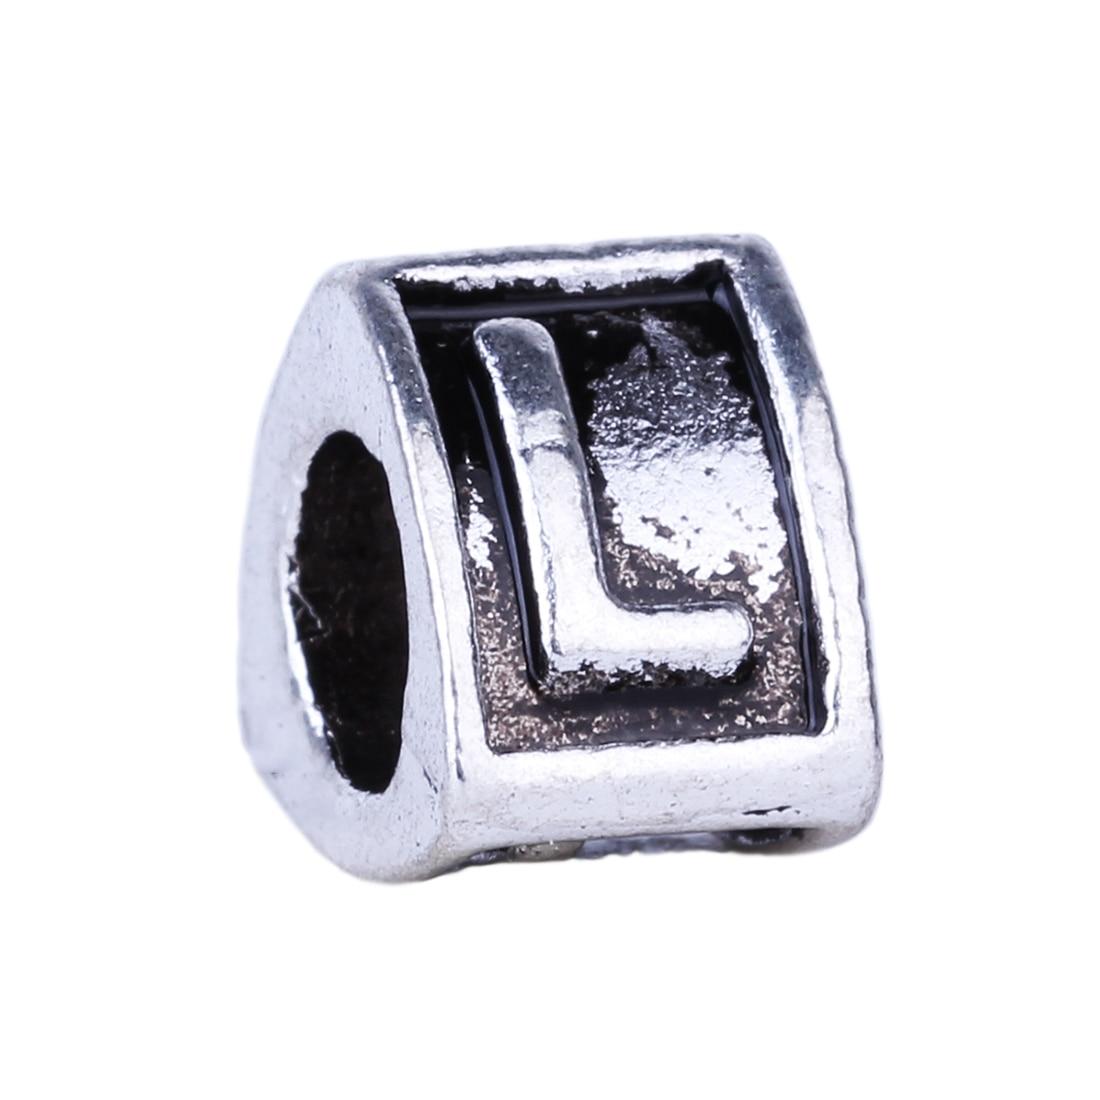 ba4c7f6e1 Pandora Bracelet Charms beads 925 Silver charms letter L LE012L